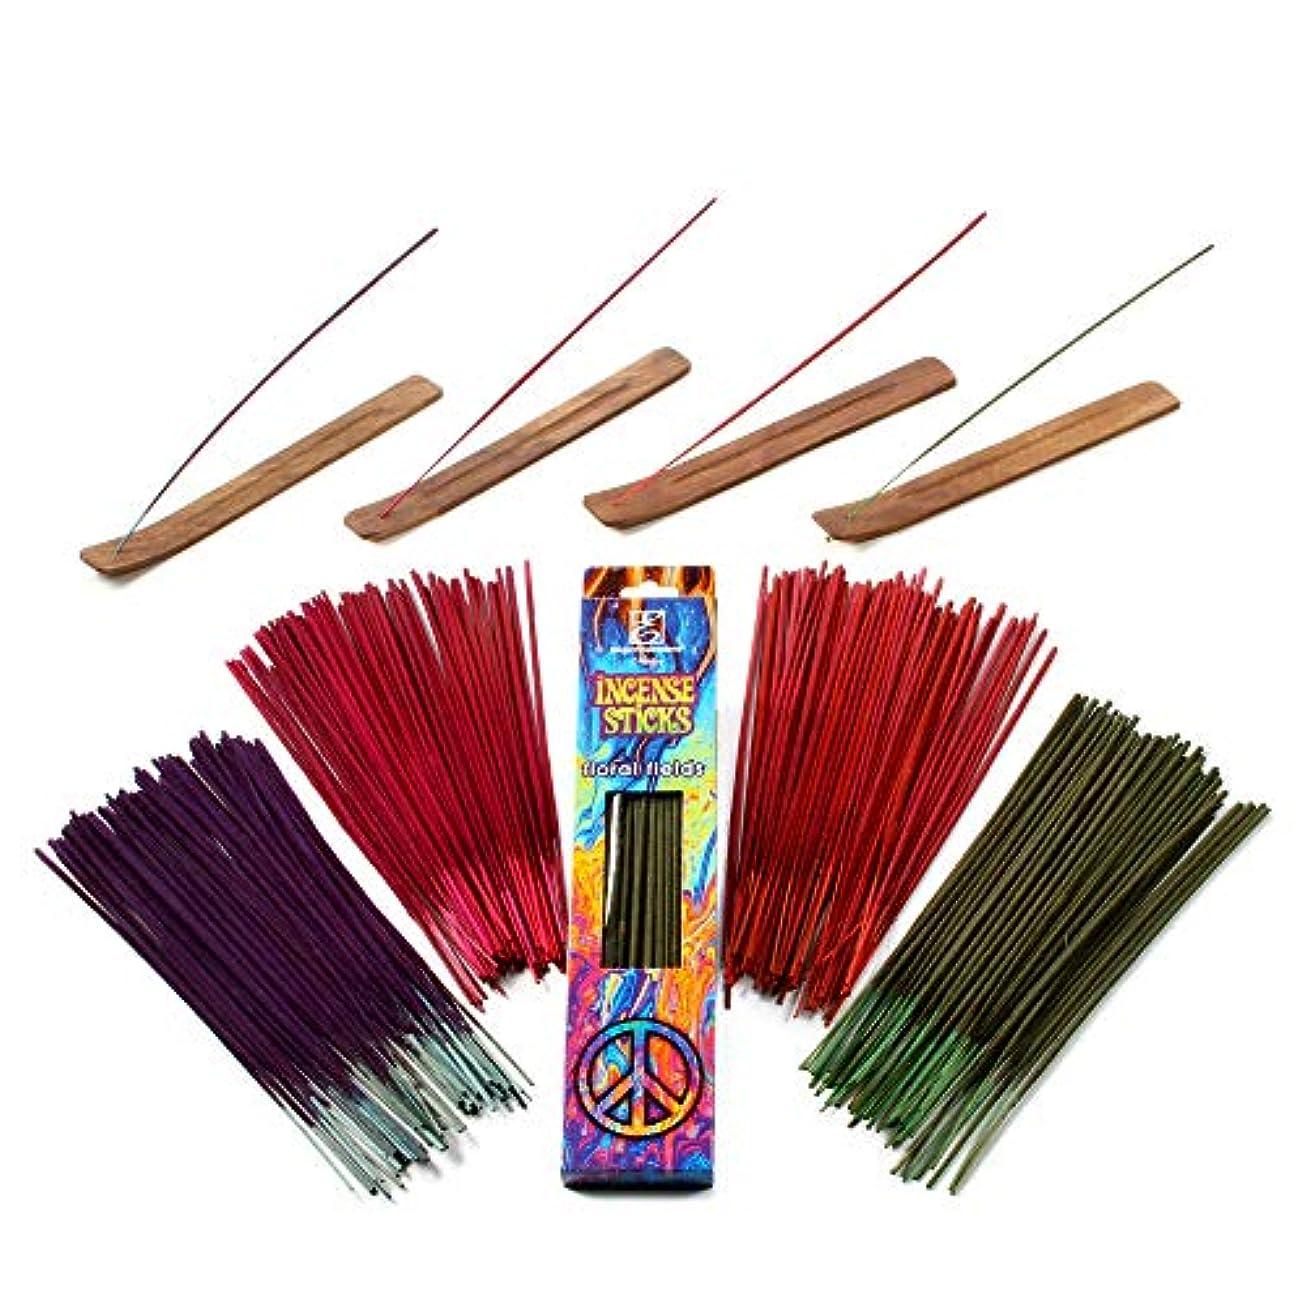 大学院不合格対立Hosley 260パックAssorted Incense Sticksブラックチェリー、花柄フィールド、Mystical Trails、& Strawberry with 4ホルダー理想の結婚式、Spa ,レイキ、アロマセラピー...